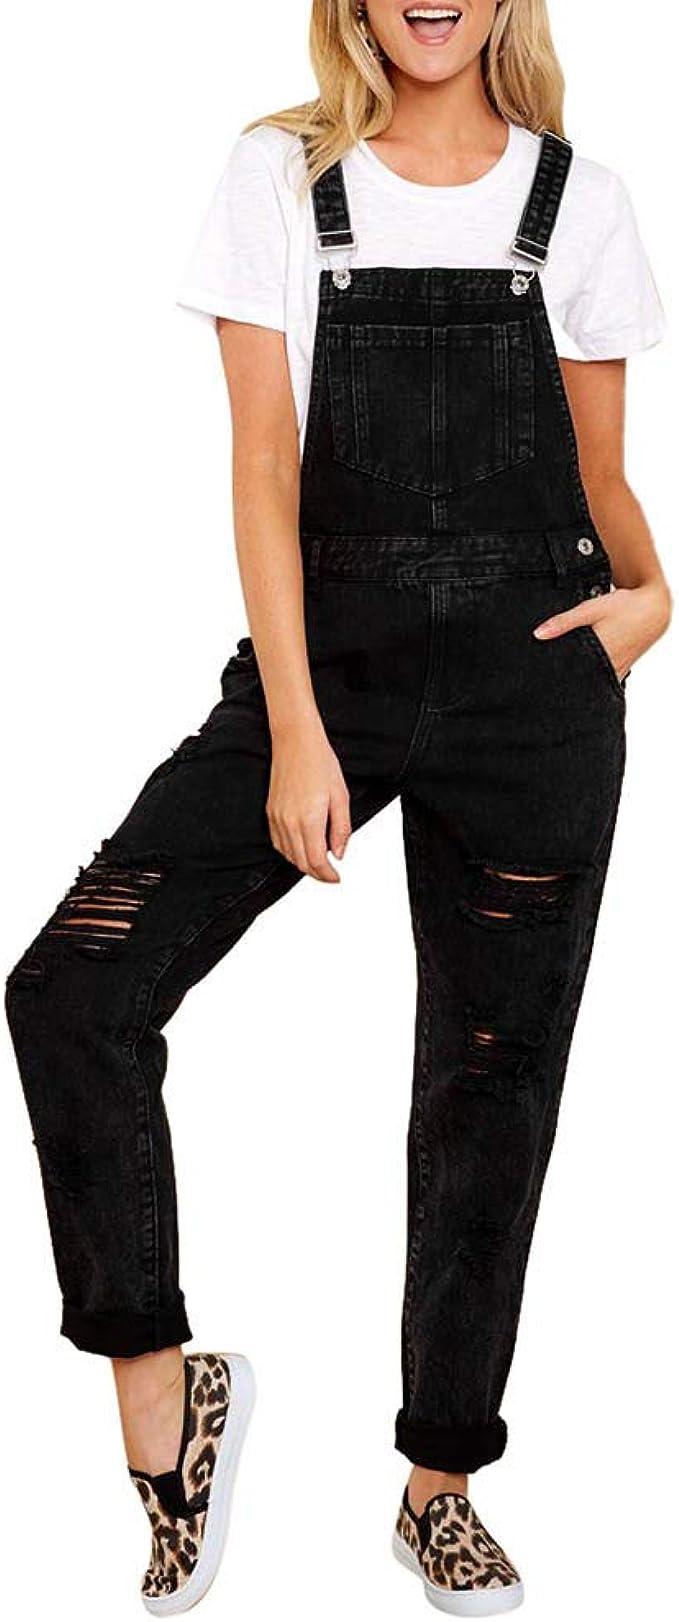 K Youth 2019 Jeans De Mujer Slim Pantalones De Mezclillade Mujer Mono Tirantes Casual Jeans Para Mujer Pantalones De Peto Mujeres Vaqueros Rotos Mujer Pantalones Largos Mujeres Elegante Amazon Es Ropa Y Accesorios